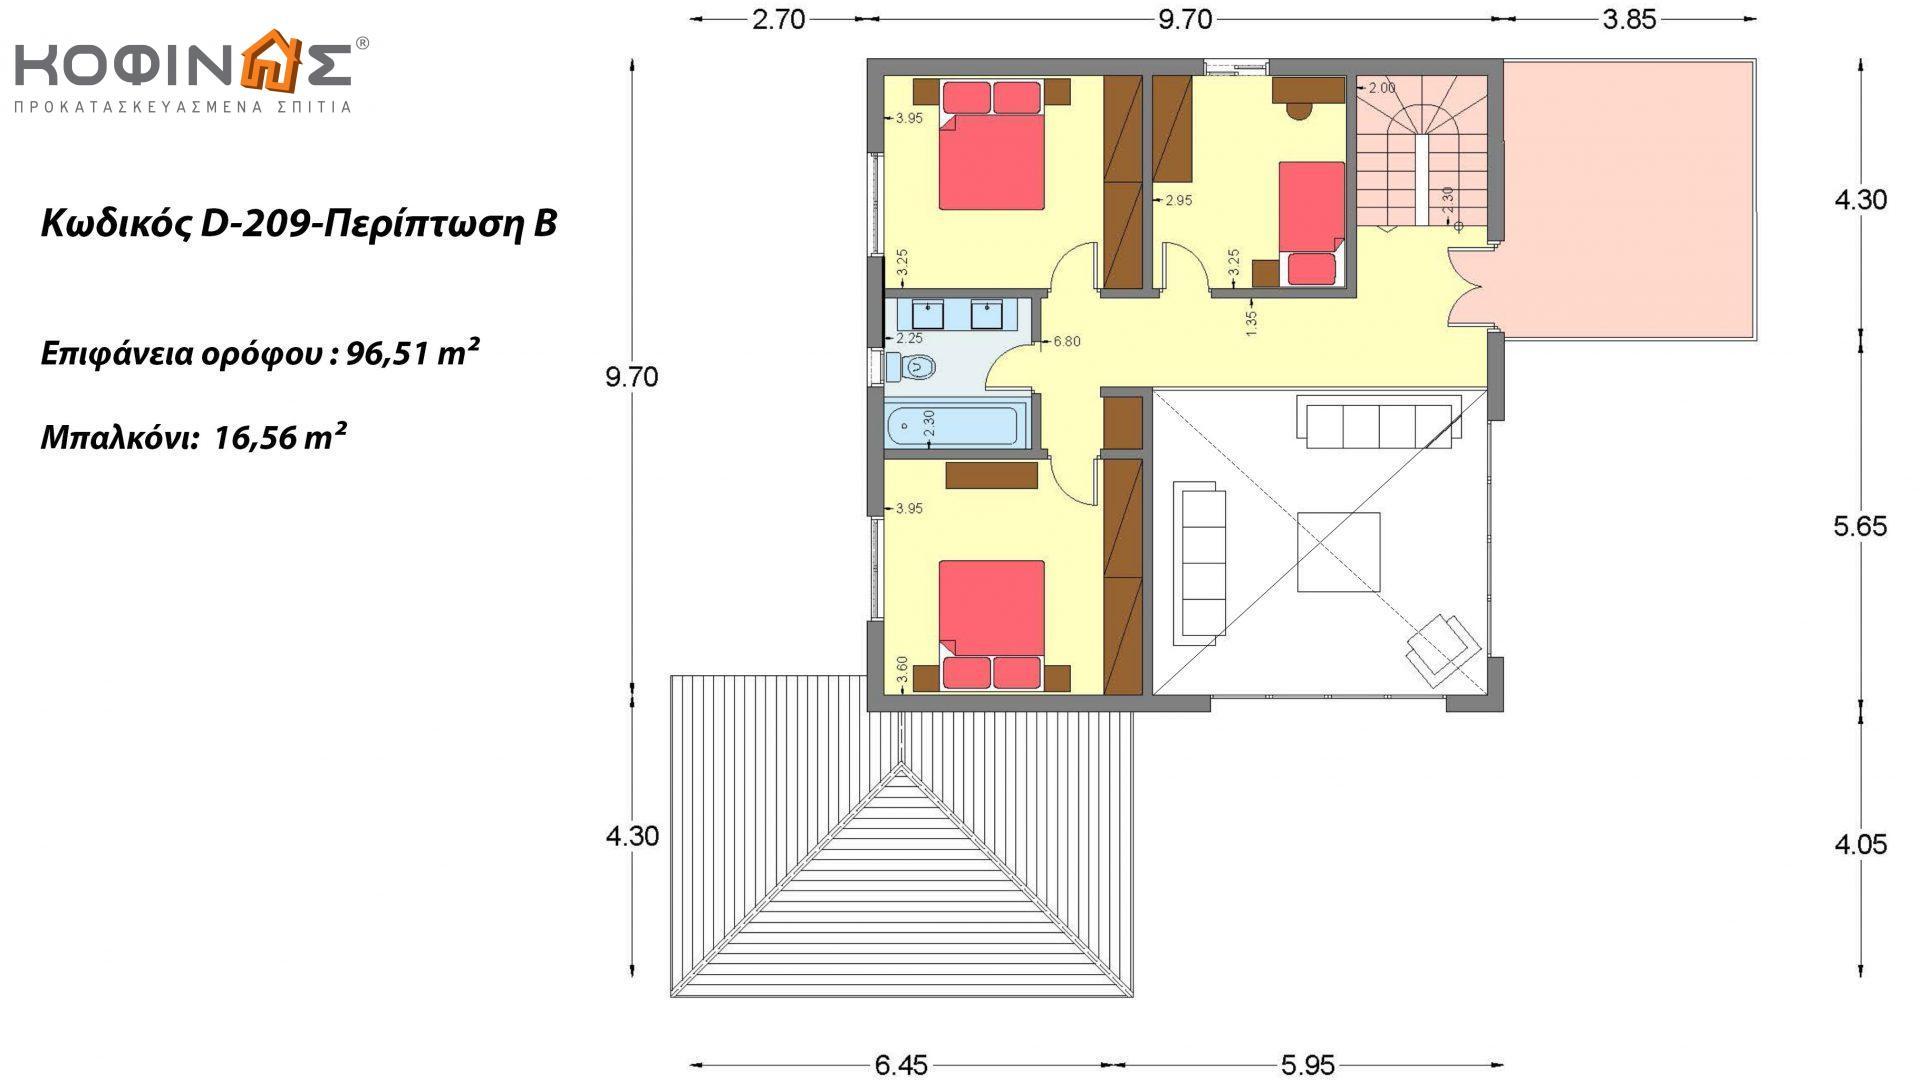 Διώροφη κατοικία D 209, συνολικής επιφάνειας 209,58 τ.μ., στεγασμένοι χώροι 42,84 τ.μ., και μπαλκόνι (περίπτωση Β) 16.56 τ.μ.